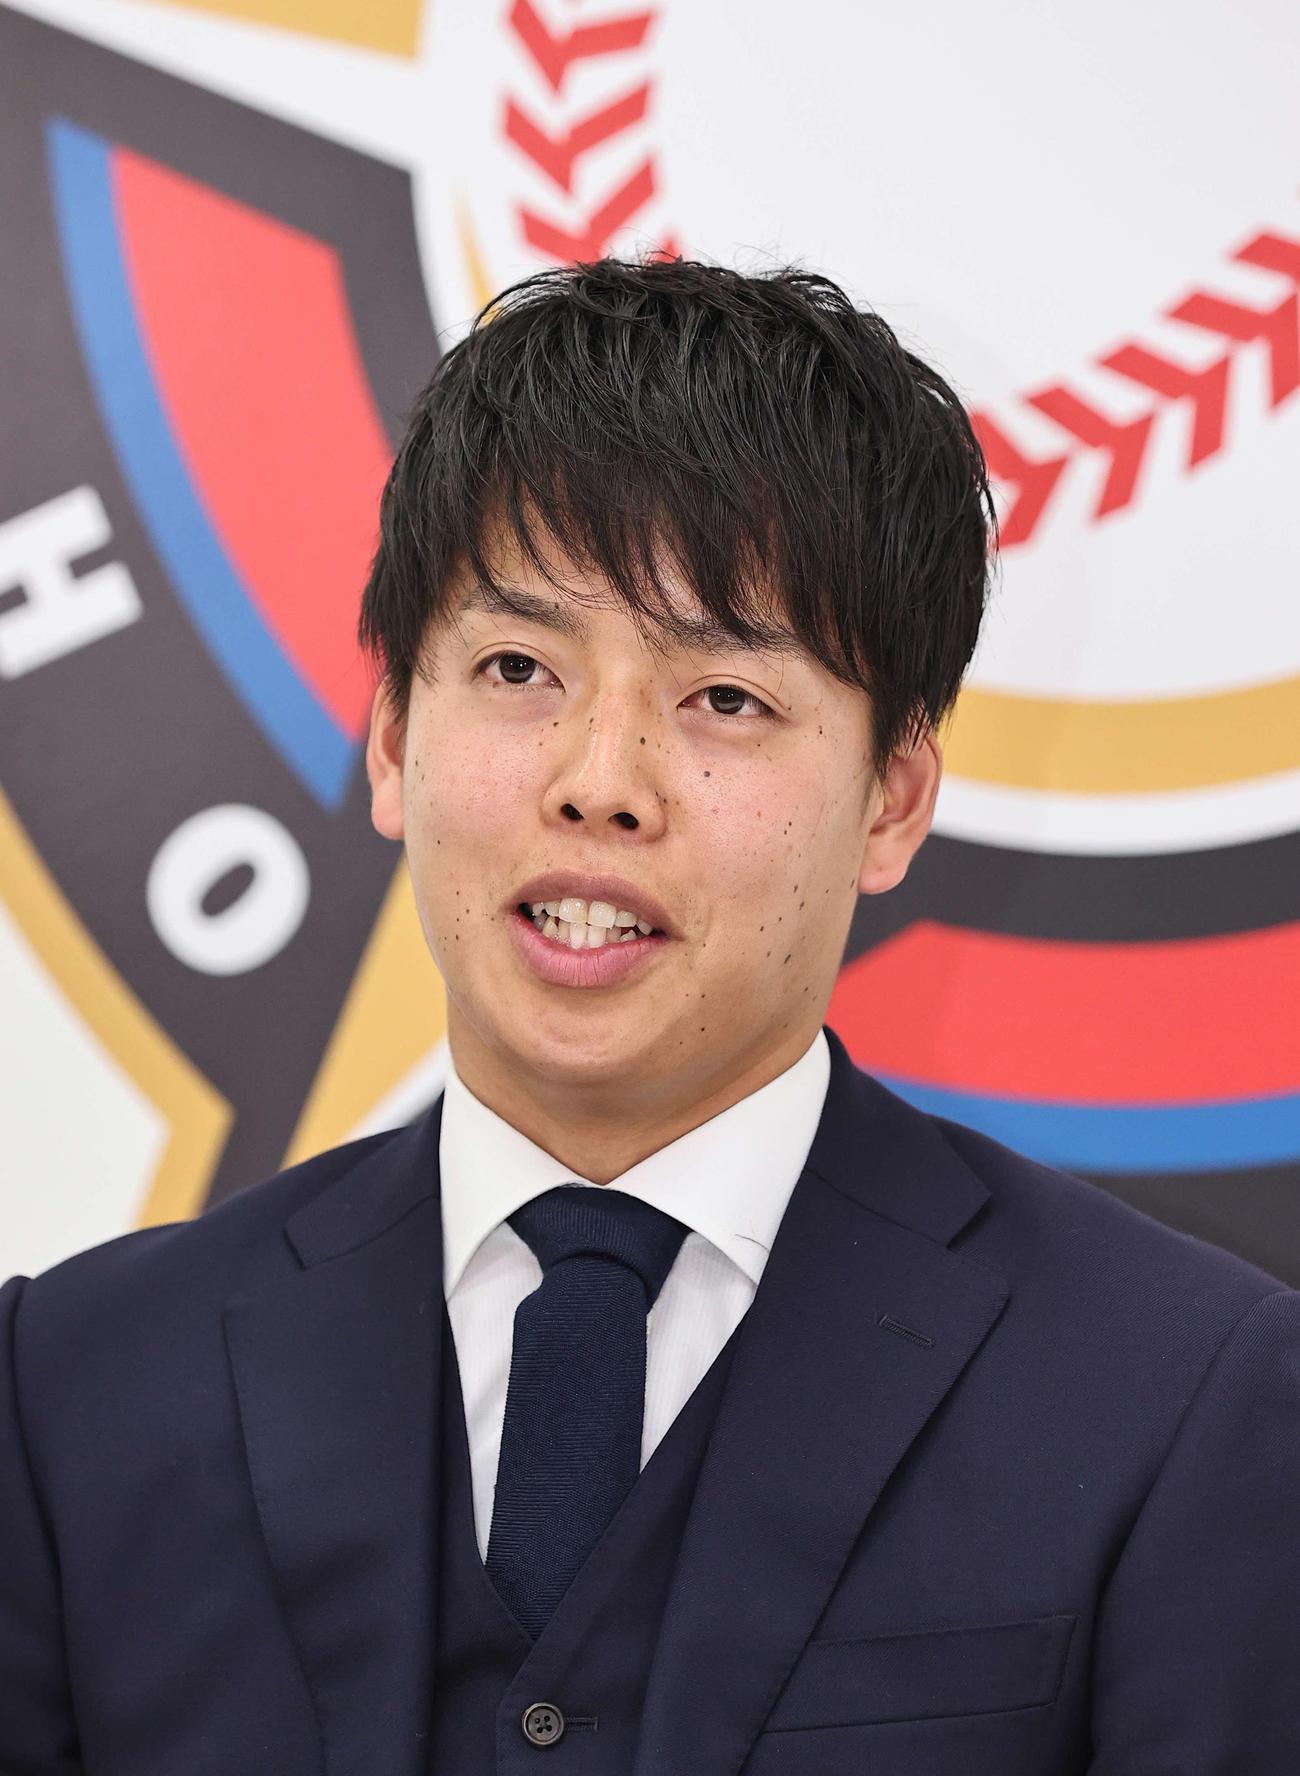 札幌市内にある球団事務所で契約更改を終え、記者会見に臨んだ日本ハム杉浦(代表撮影)